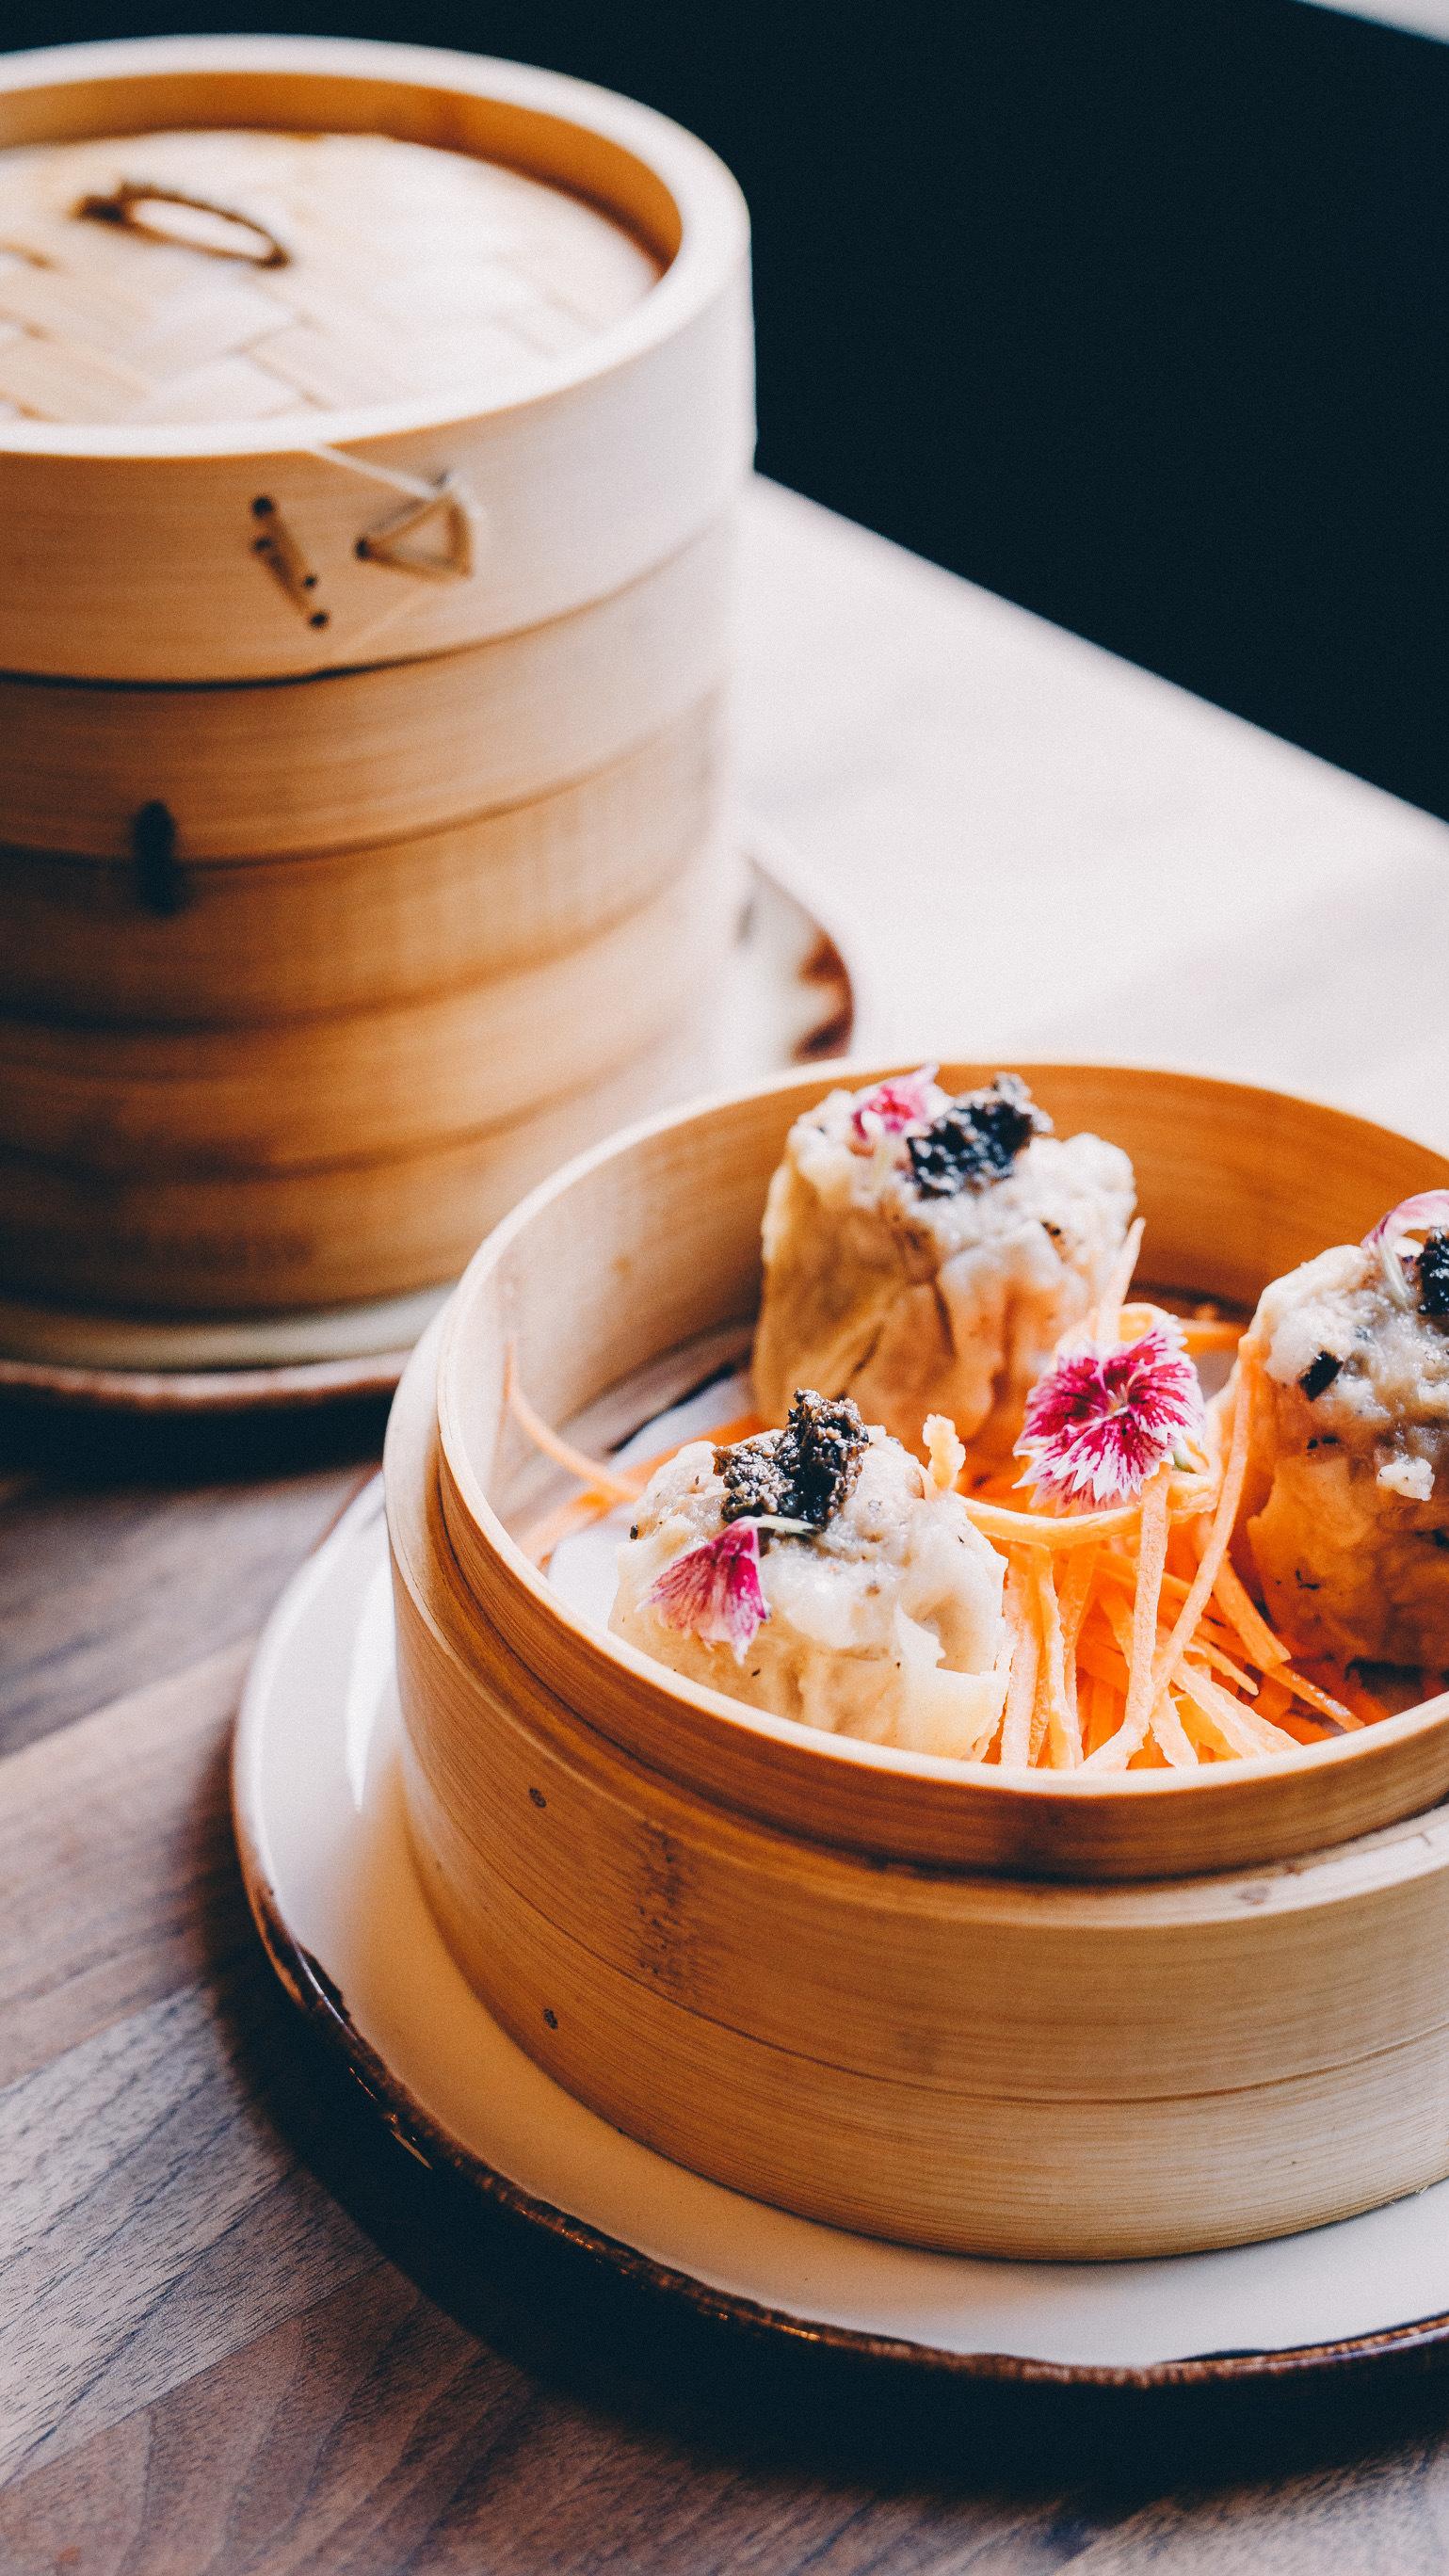 Ce restaurant du Vieux-Montréal propose des dumplings à volonté pour son 3ième anniversaire